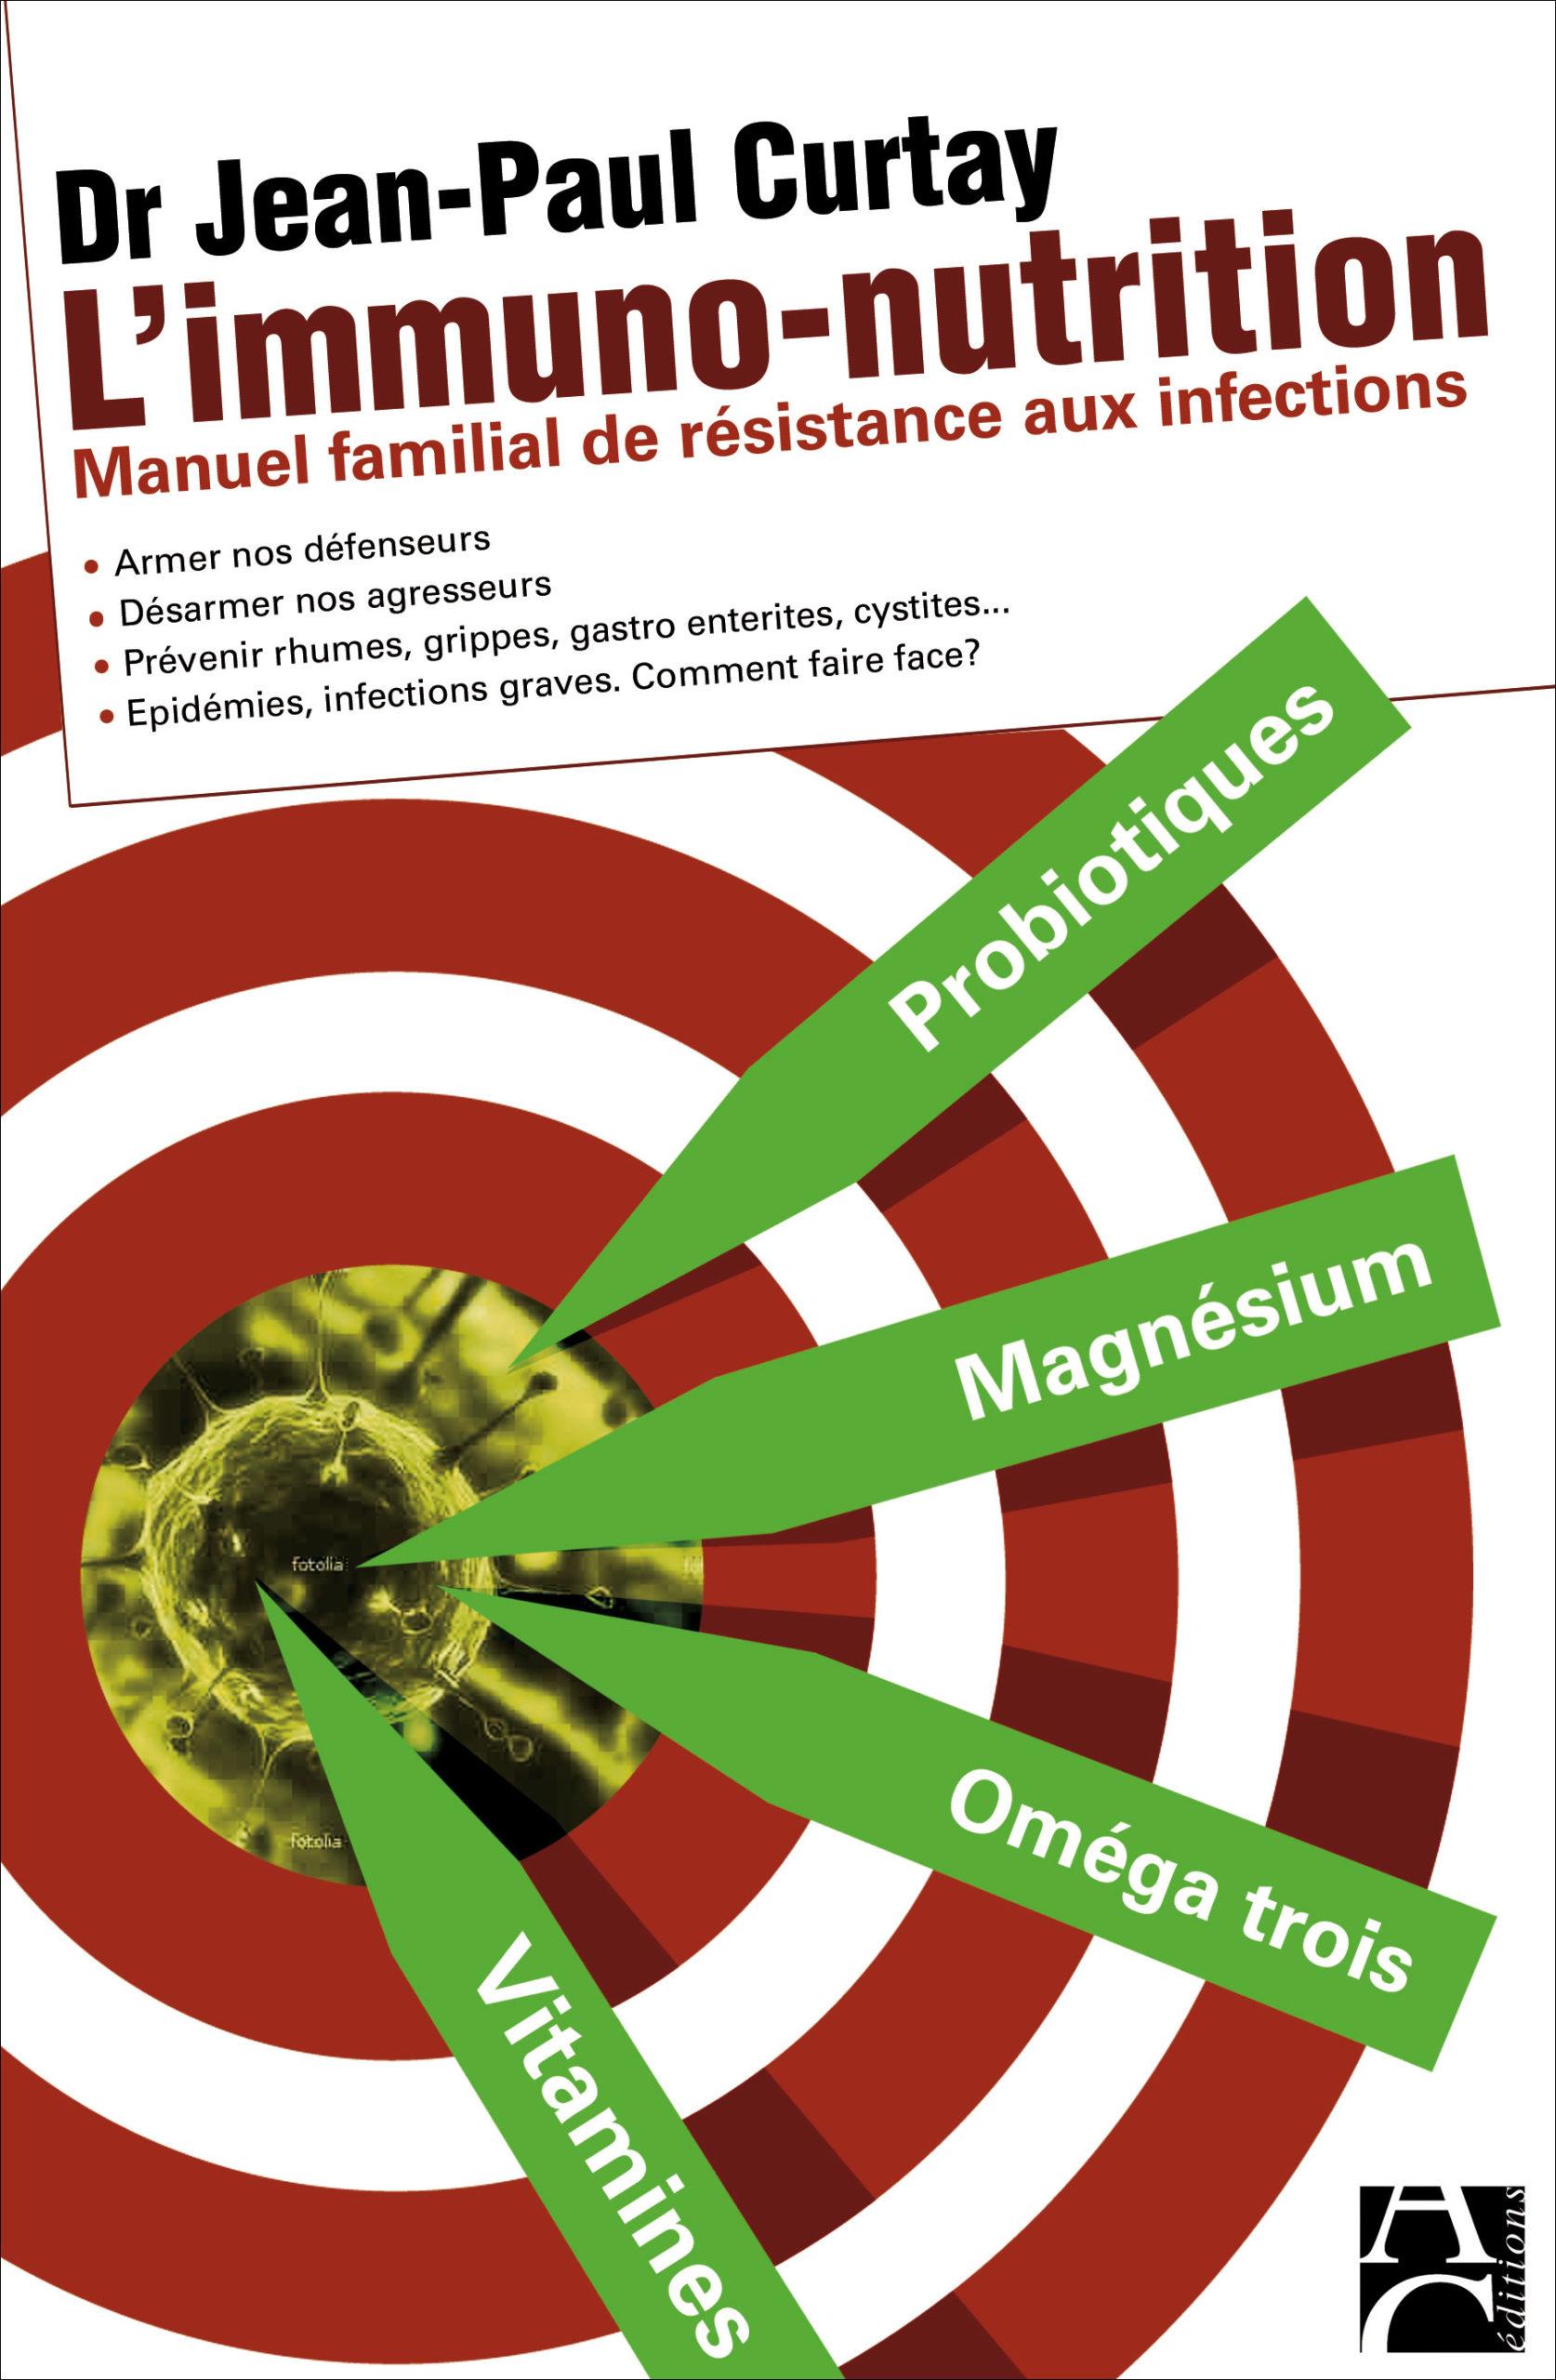 imunonutricouv